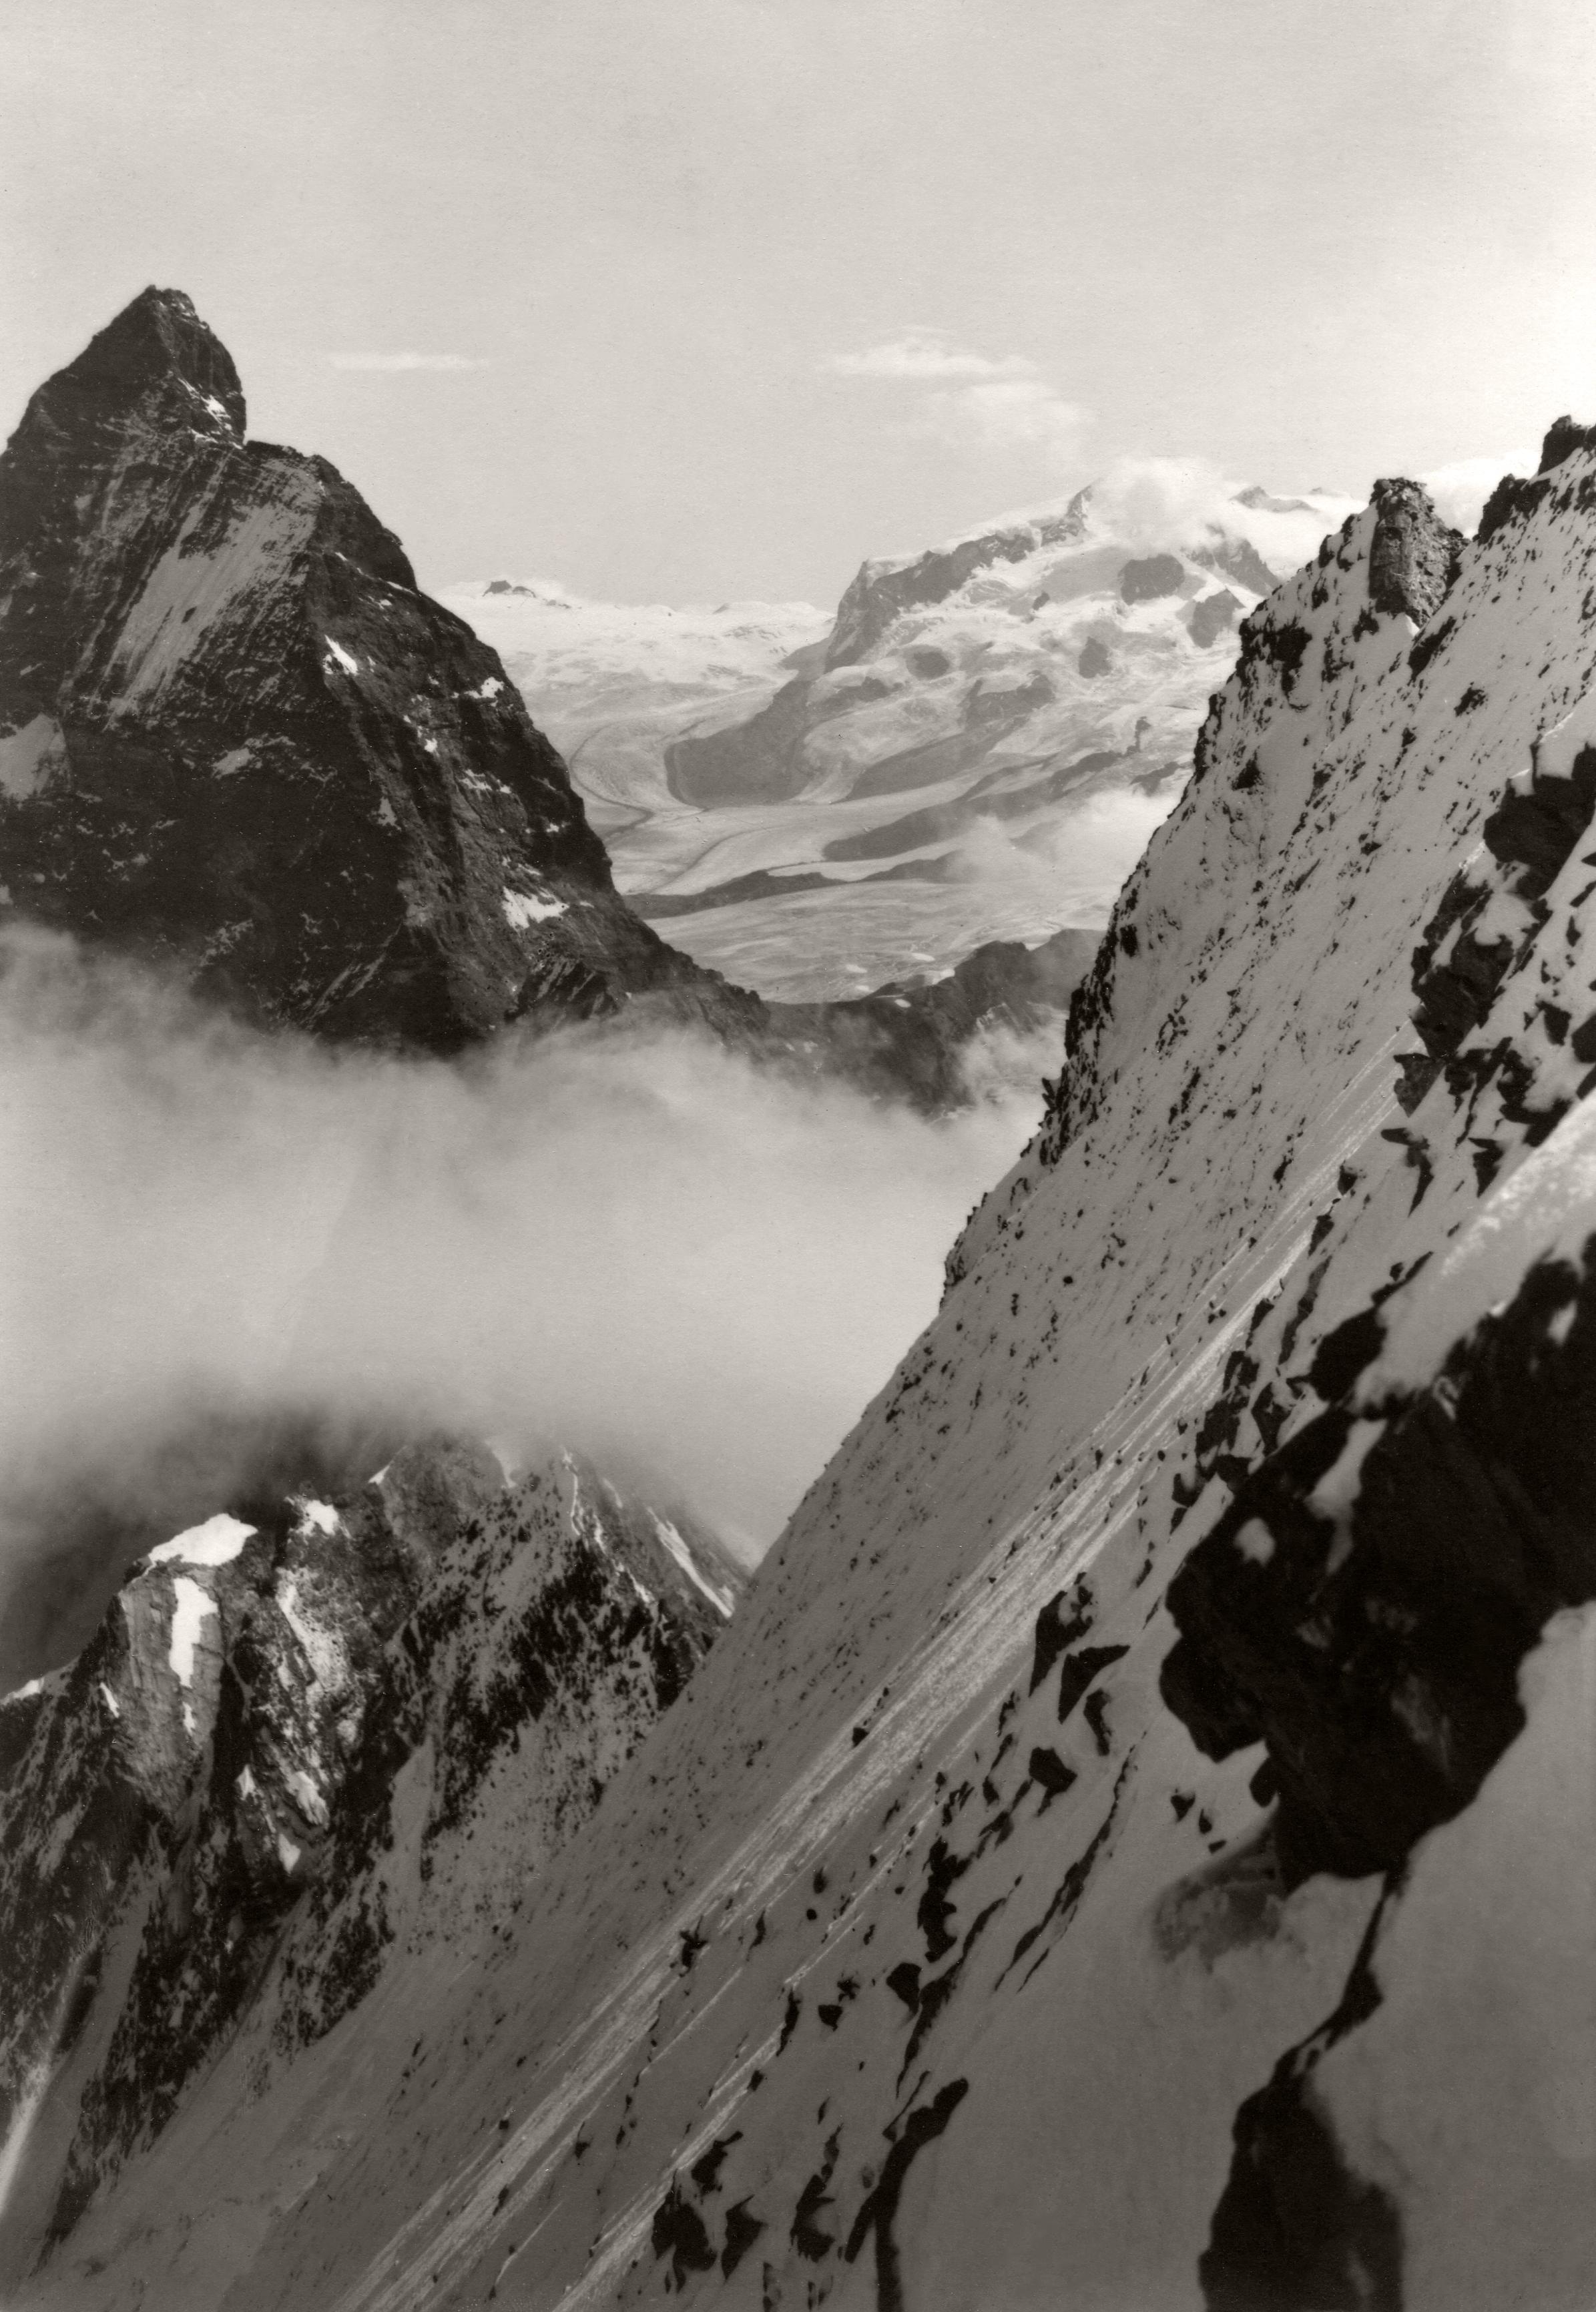 Matterhorn und Monte Rosa von der Nordwand des Dent d'Hérens. September 1929.